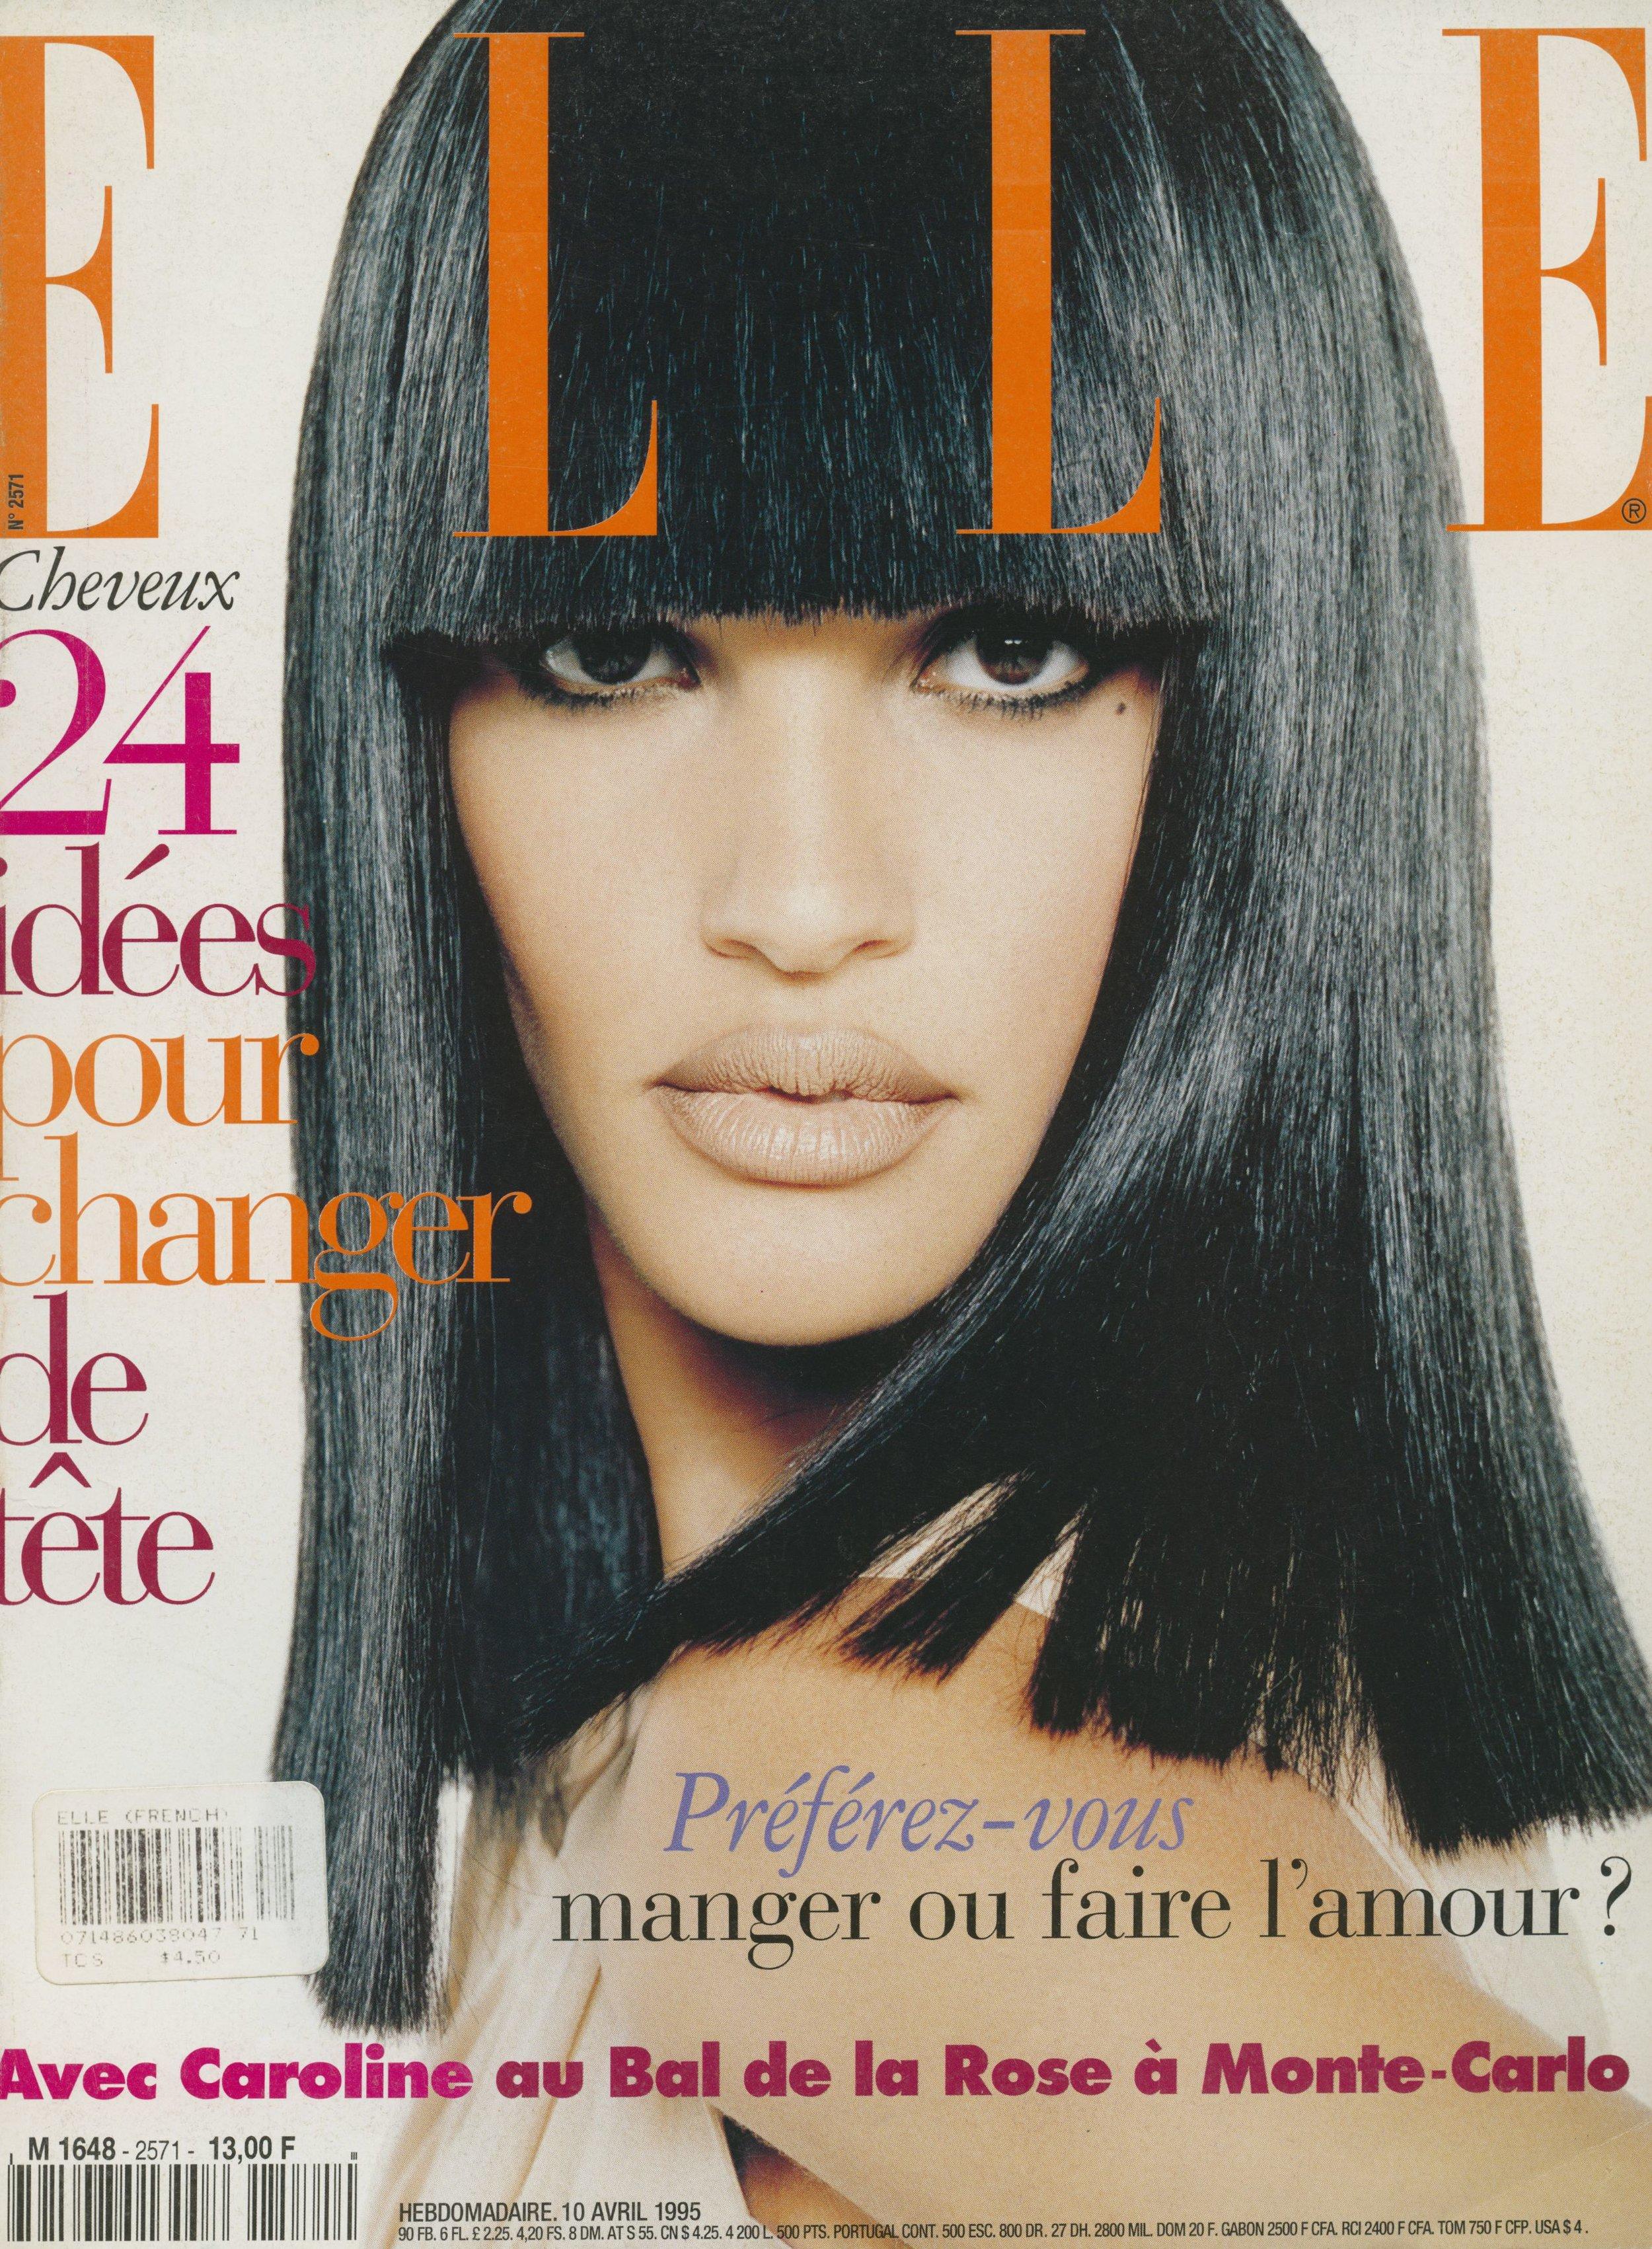 Elle France cover, Christophe Kutner